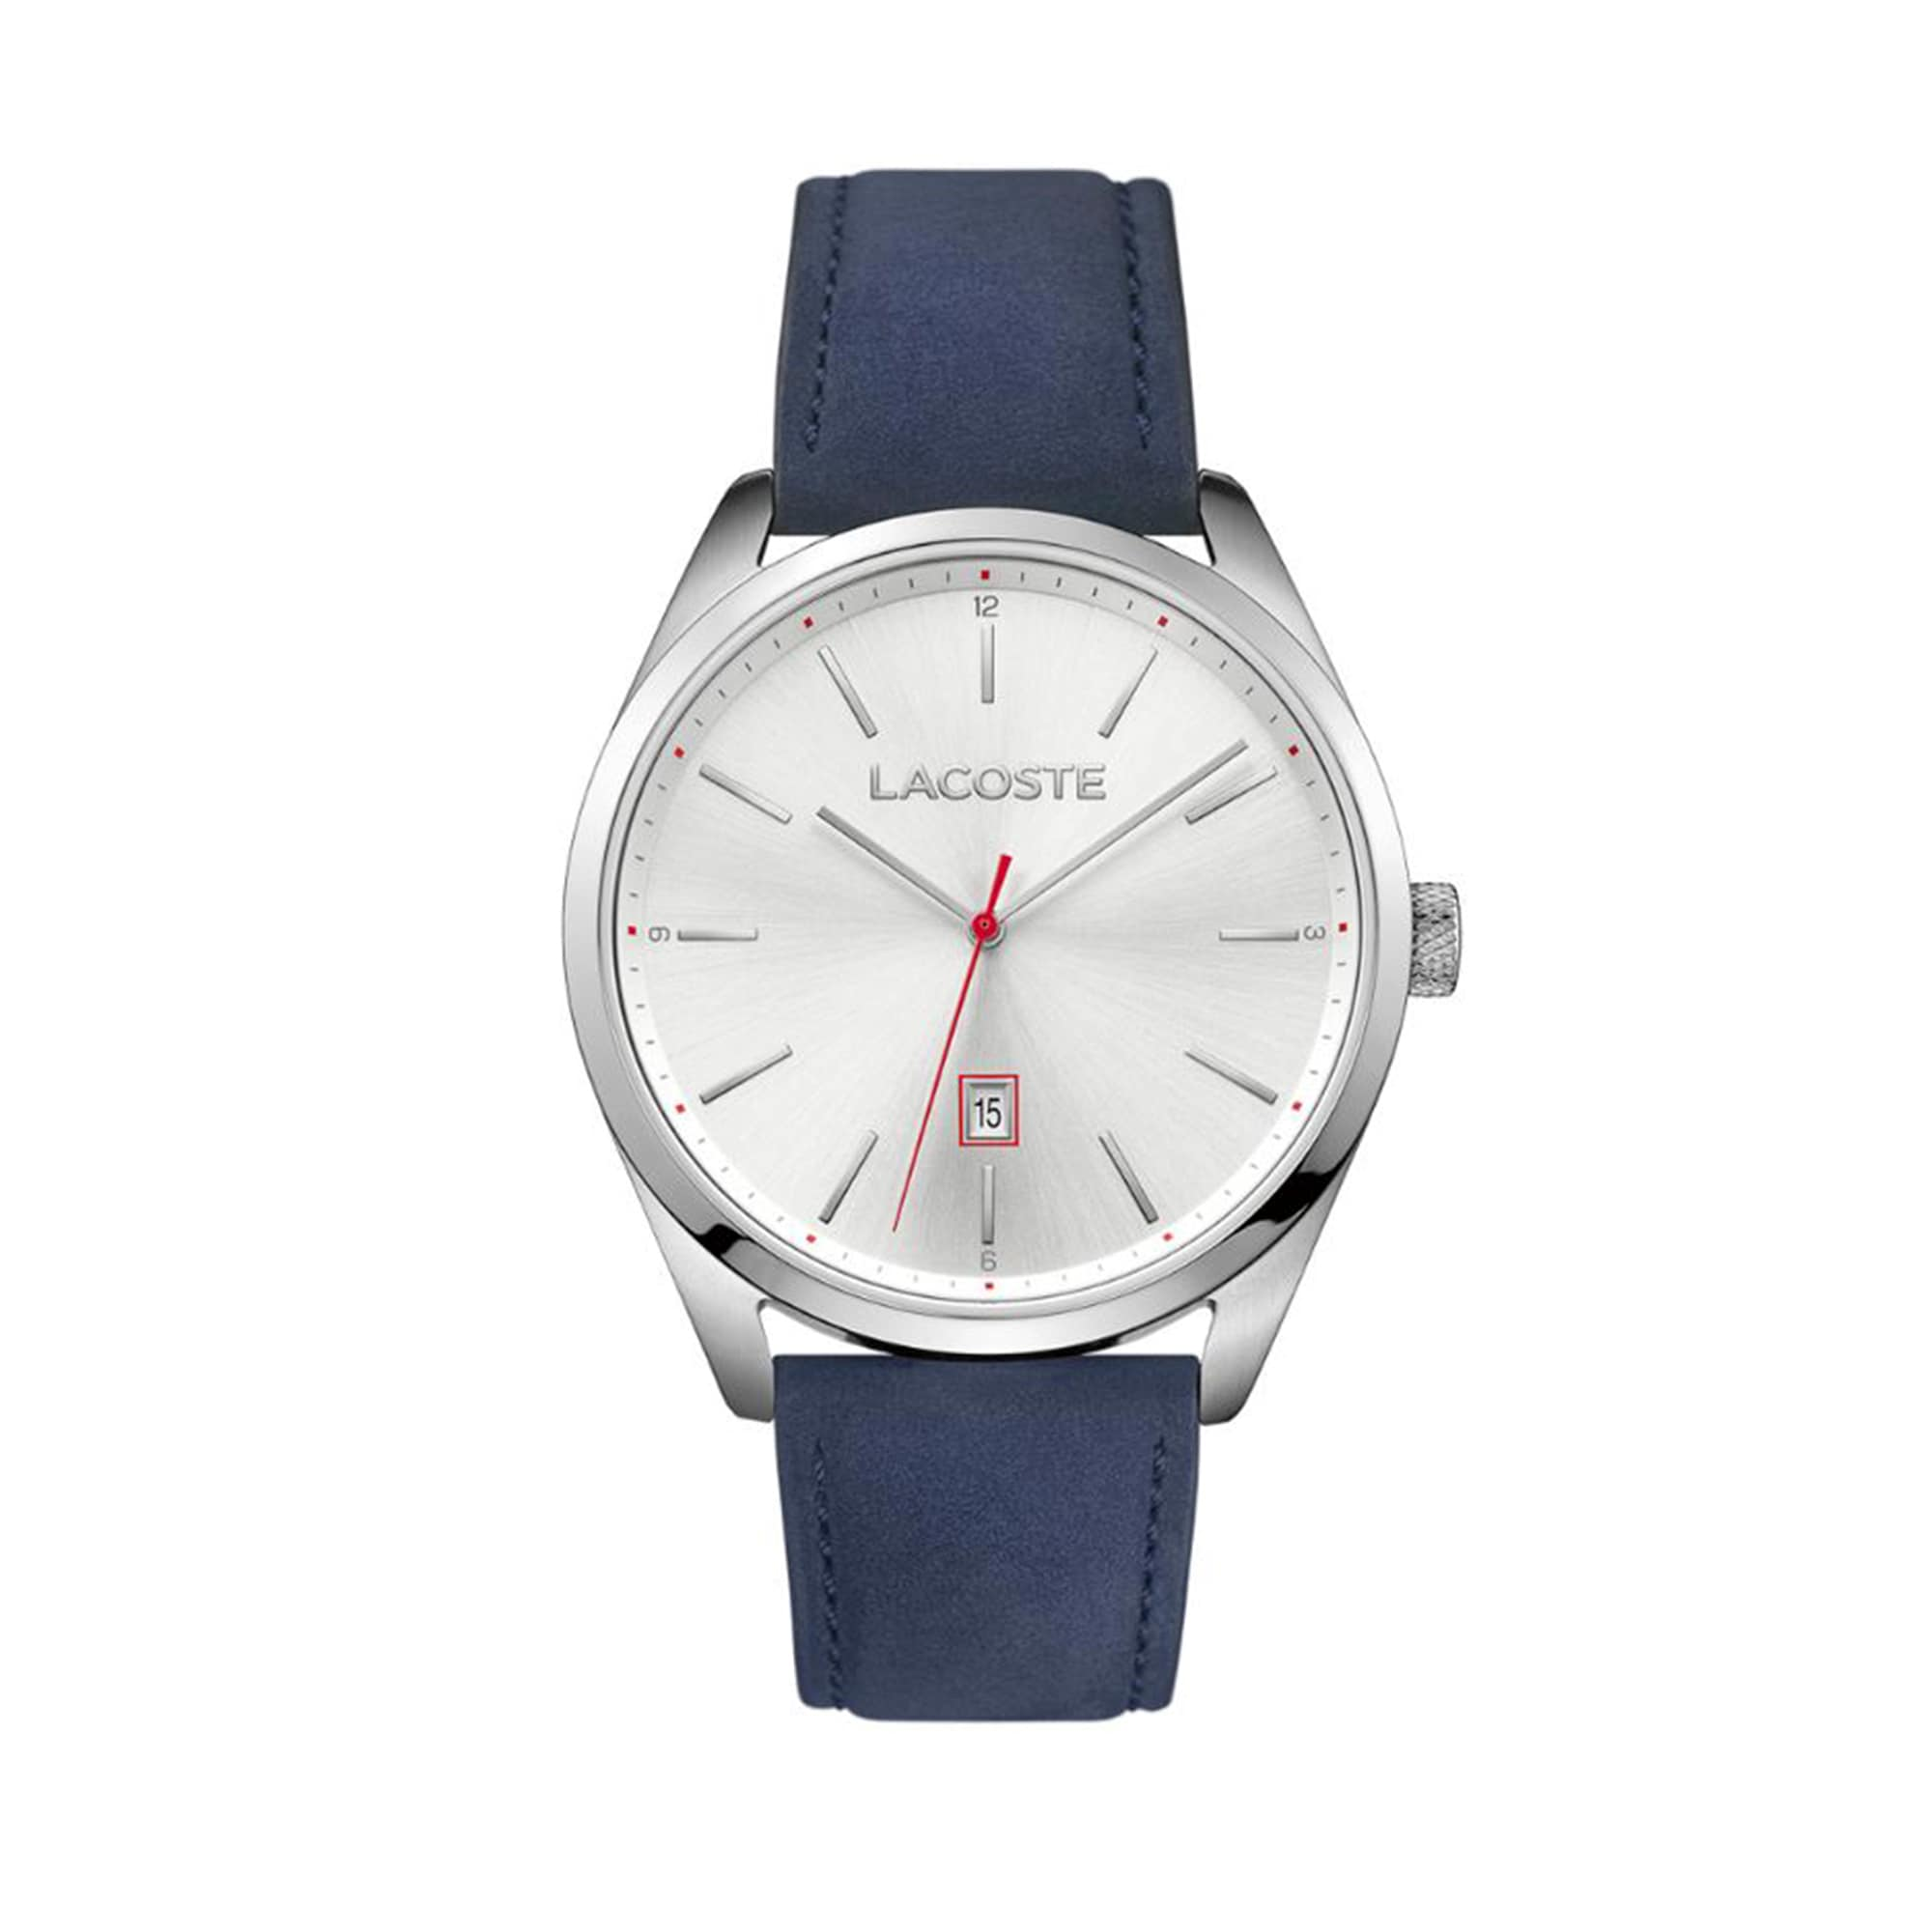 라코스테 SAN DIEGO watch with blue strap